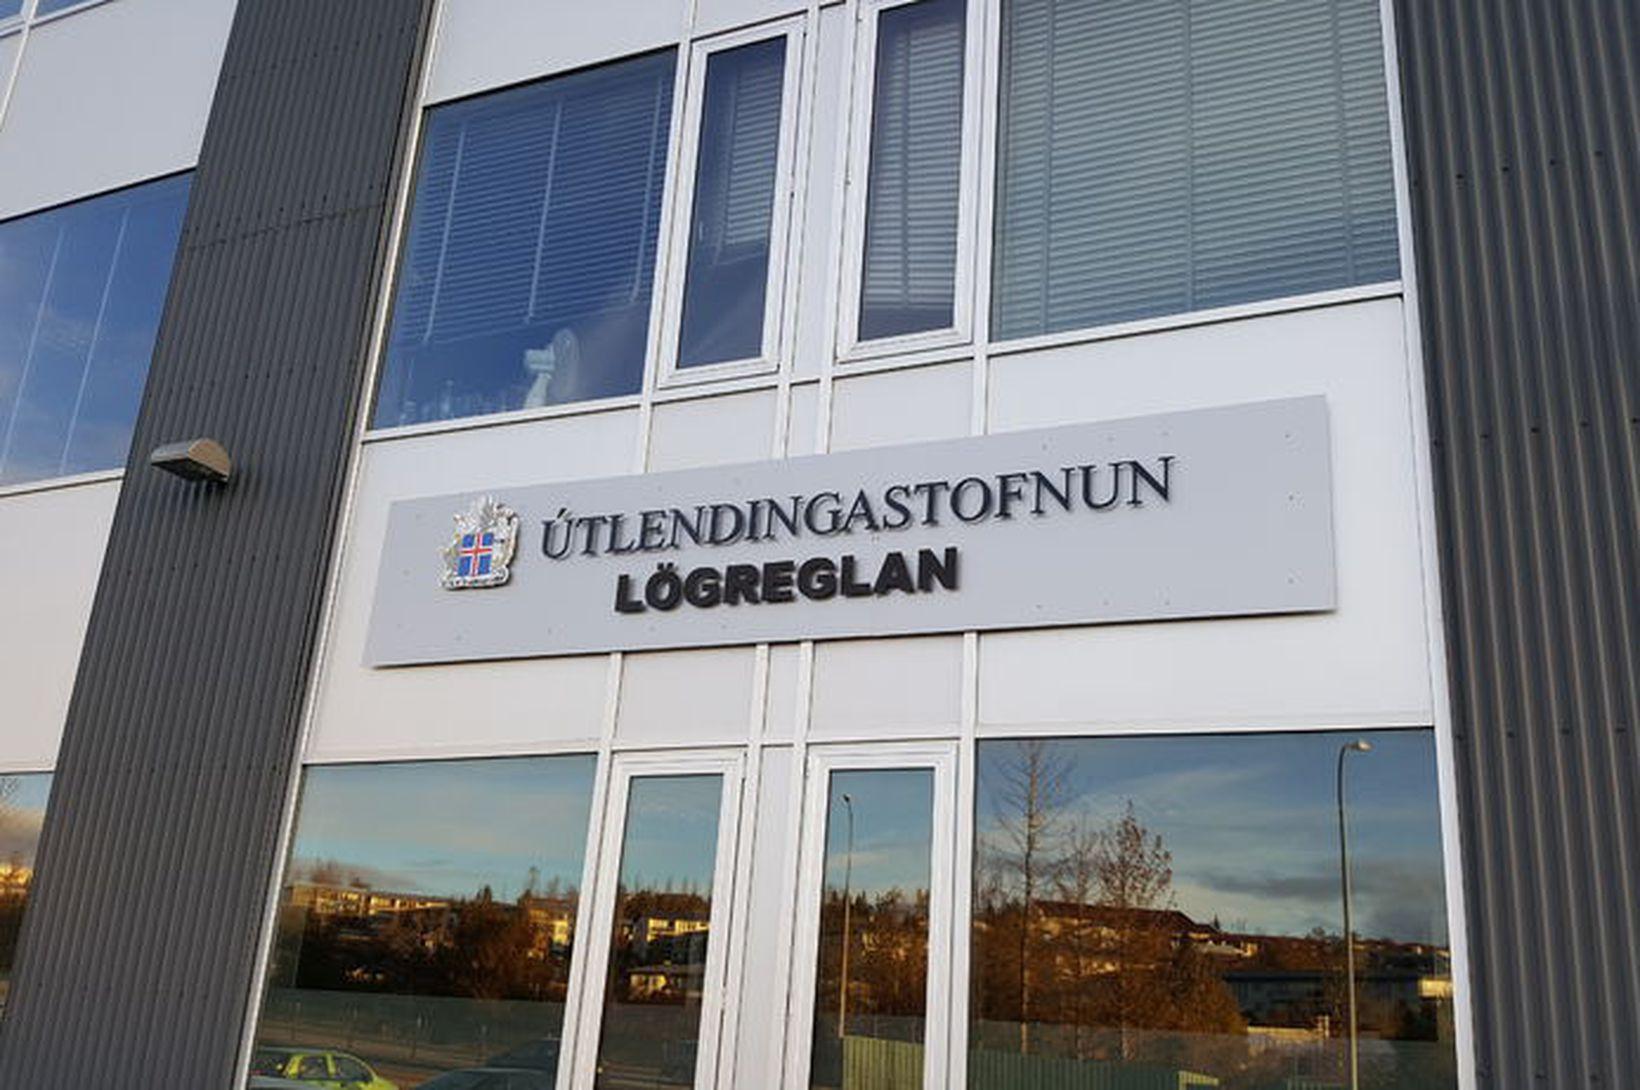 Hafa heimild til að greiða heimfararstyrki